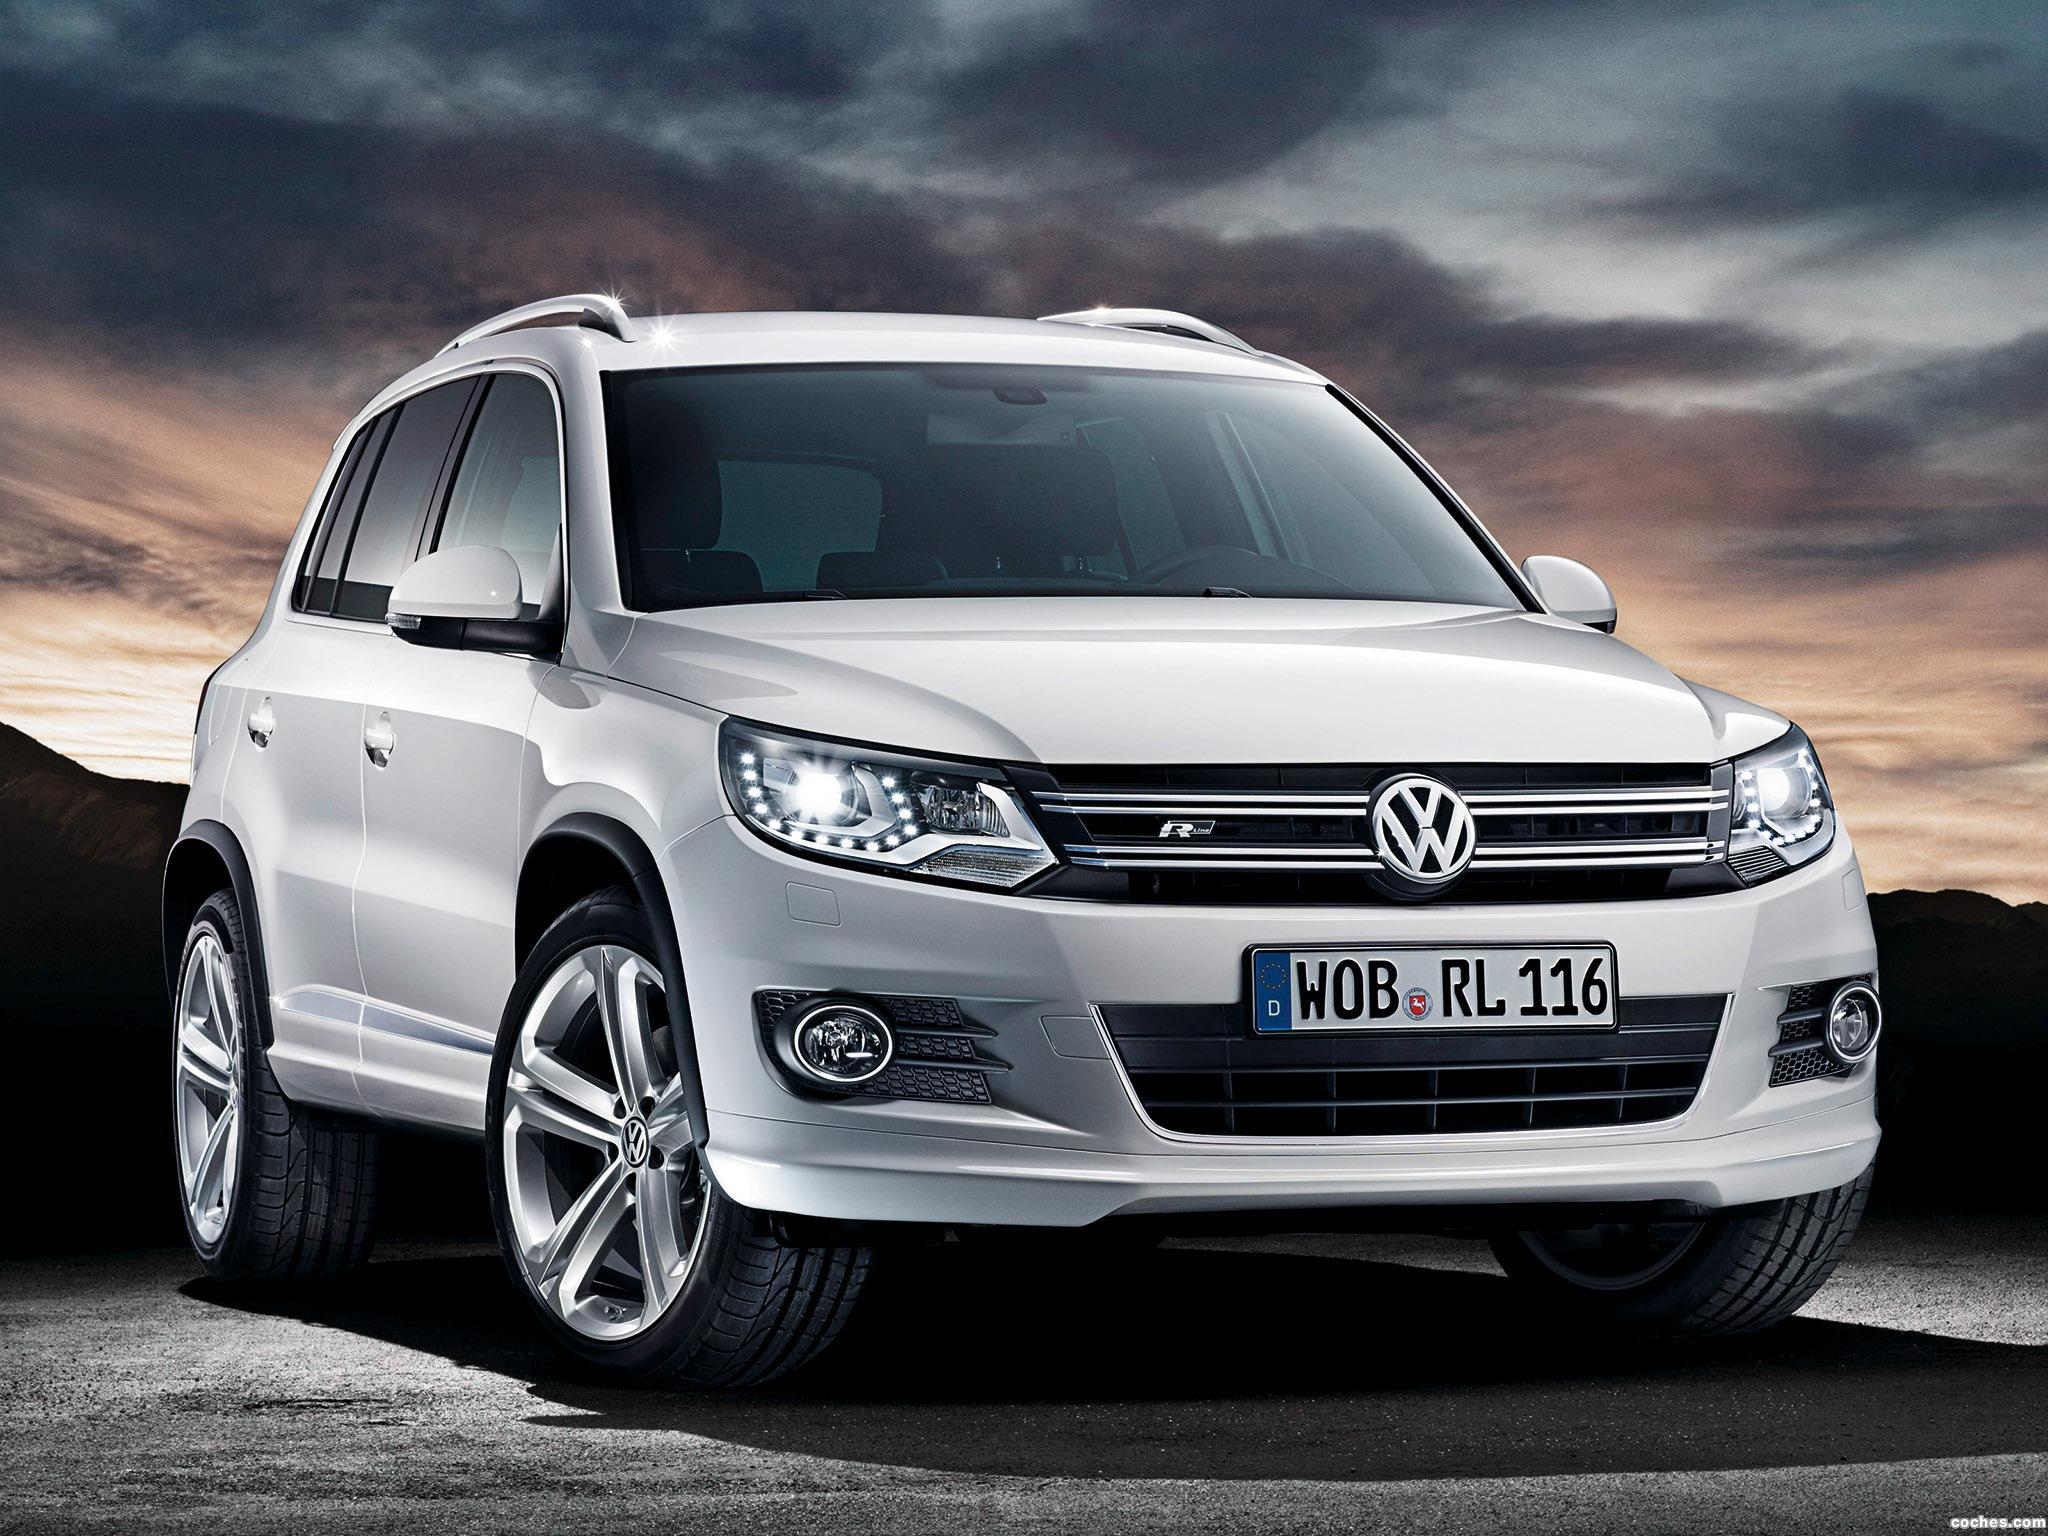 Foto 0 de Volkswagen Tiguan R-Line 2011